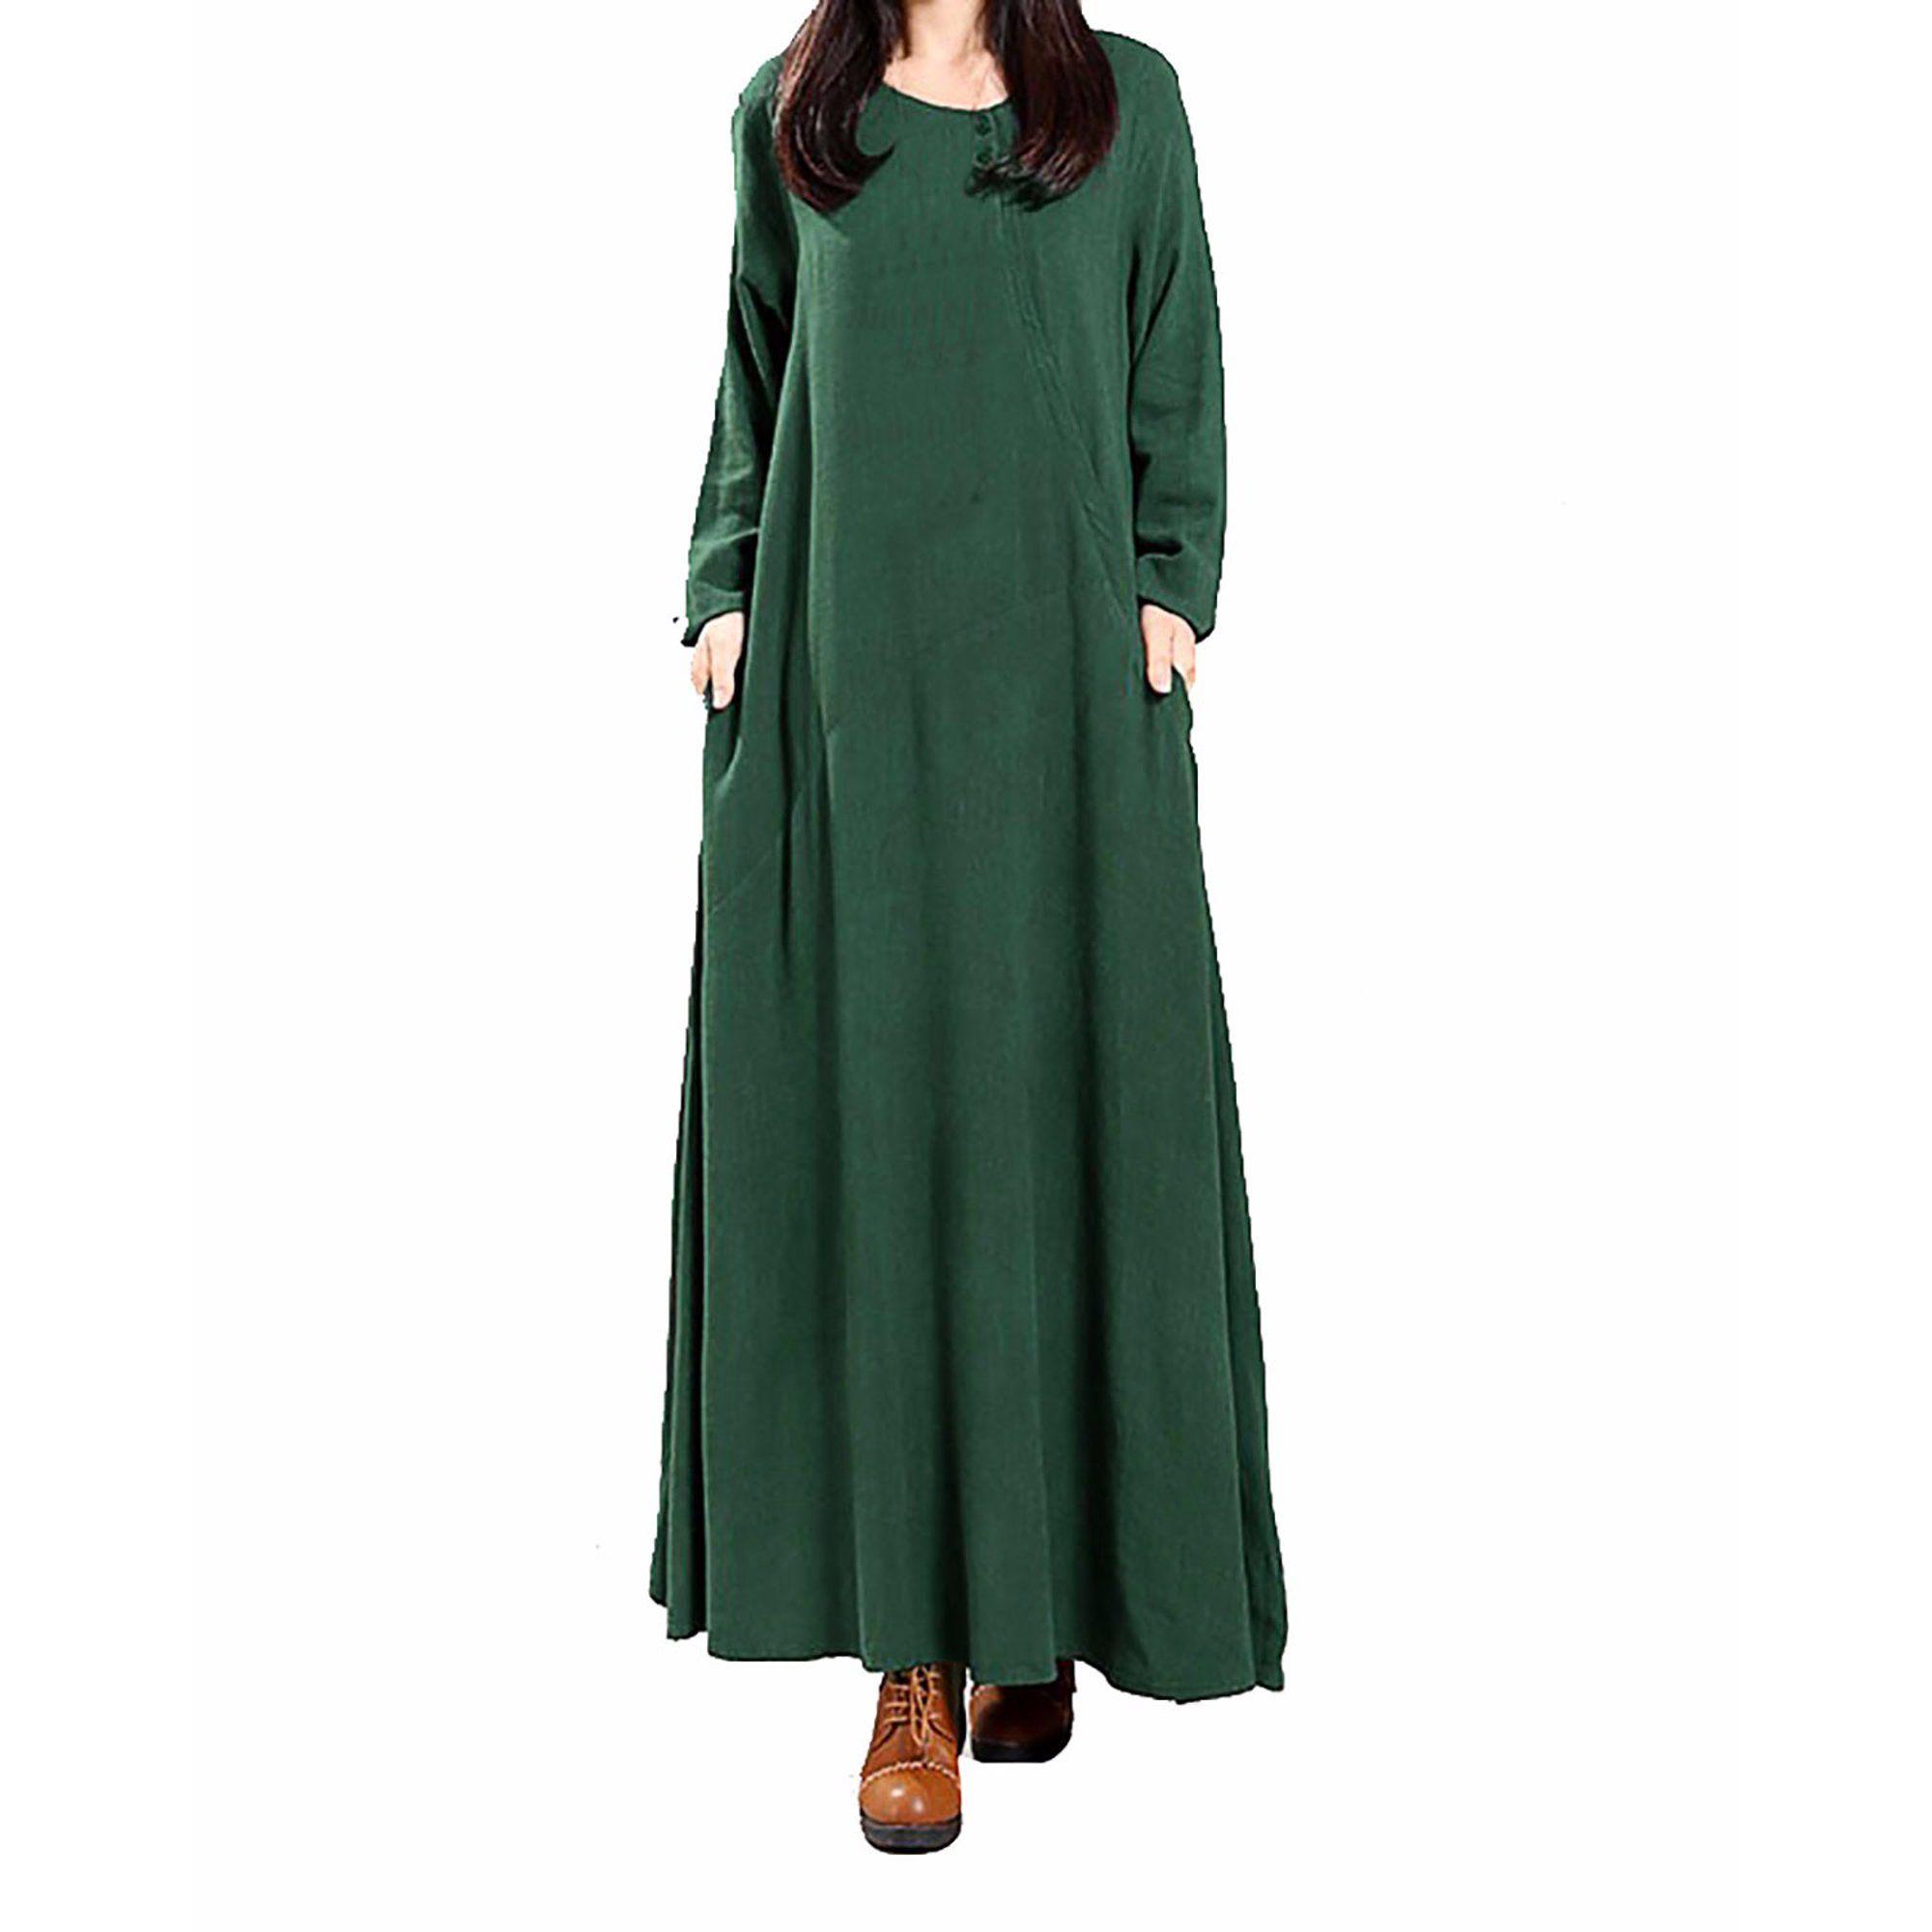 Zanzea Womens Cotton Long Sleeve Kaftan Irregular Hems Dresses Walmart Com Walmart Com Maxi Dress Maxi Dress Green Buy Maxi Dress [ 2000 x 2000 Pixel ]